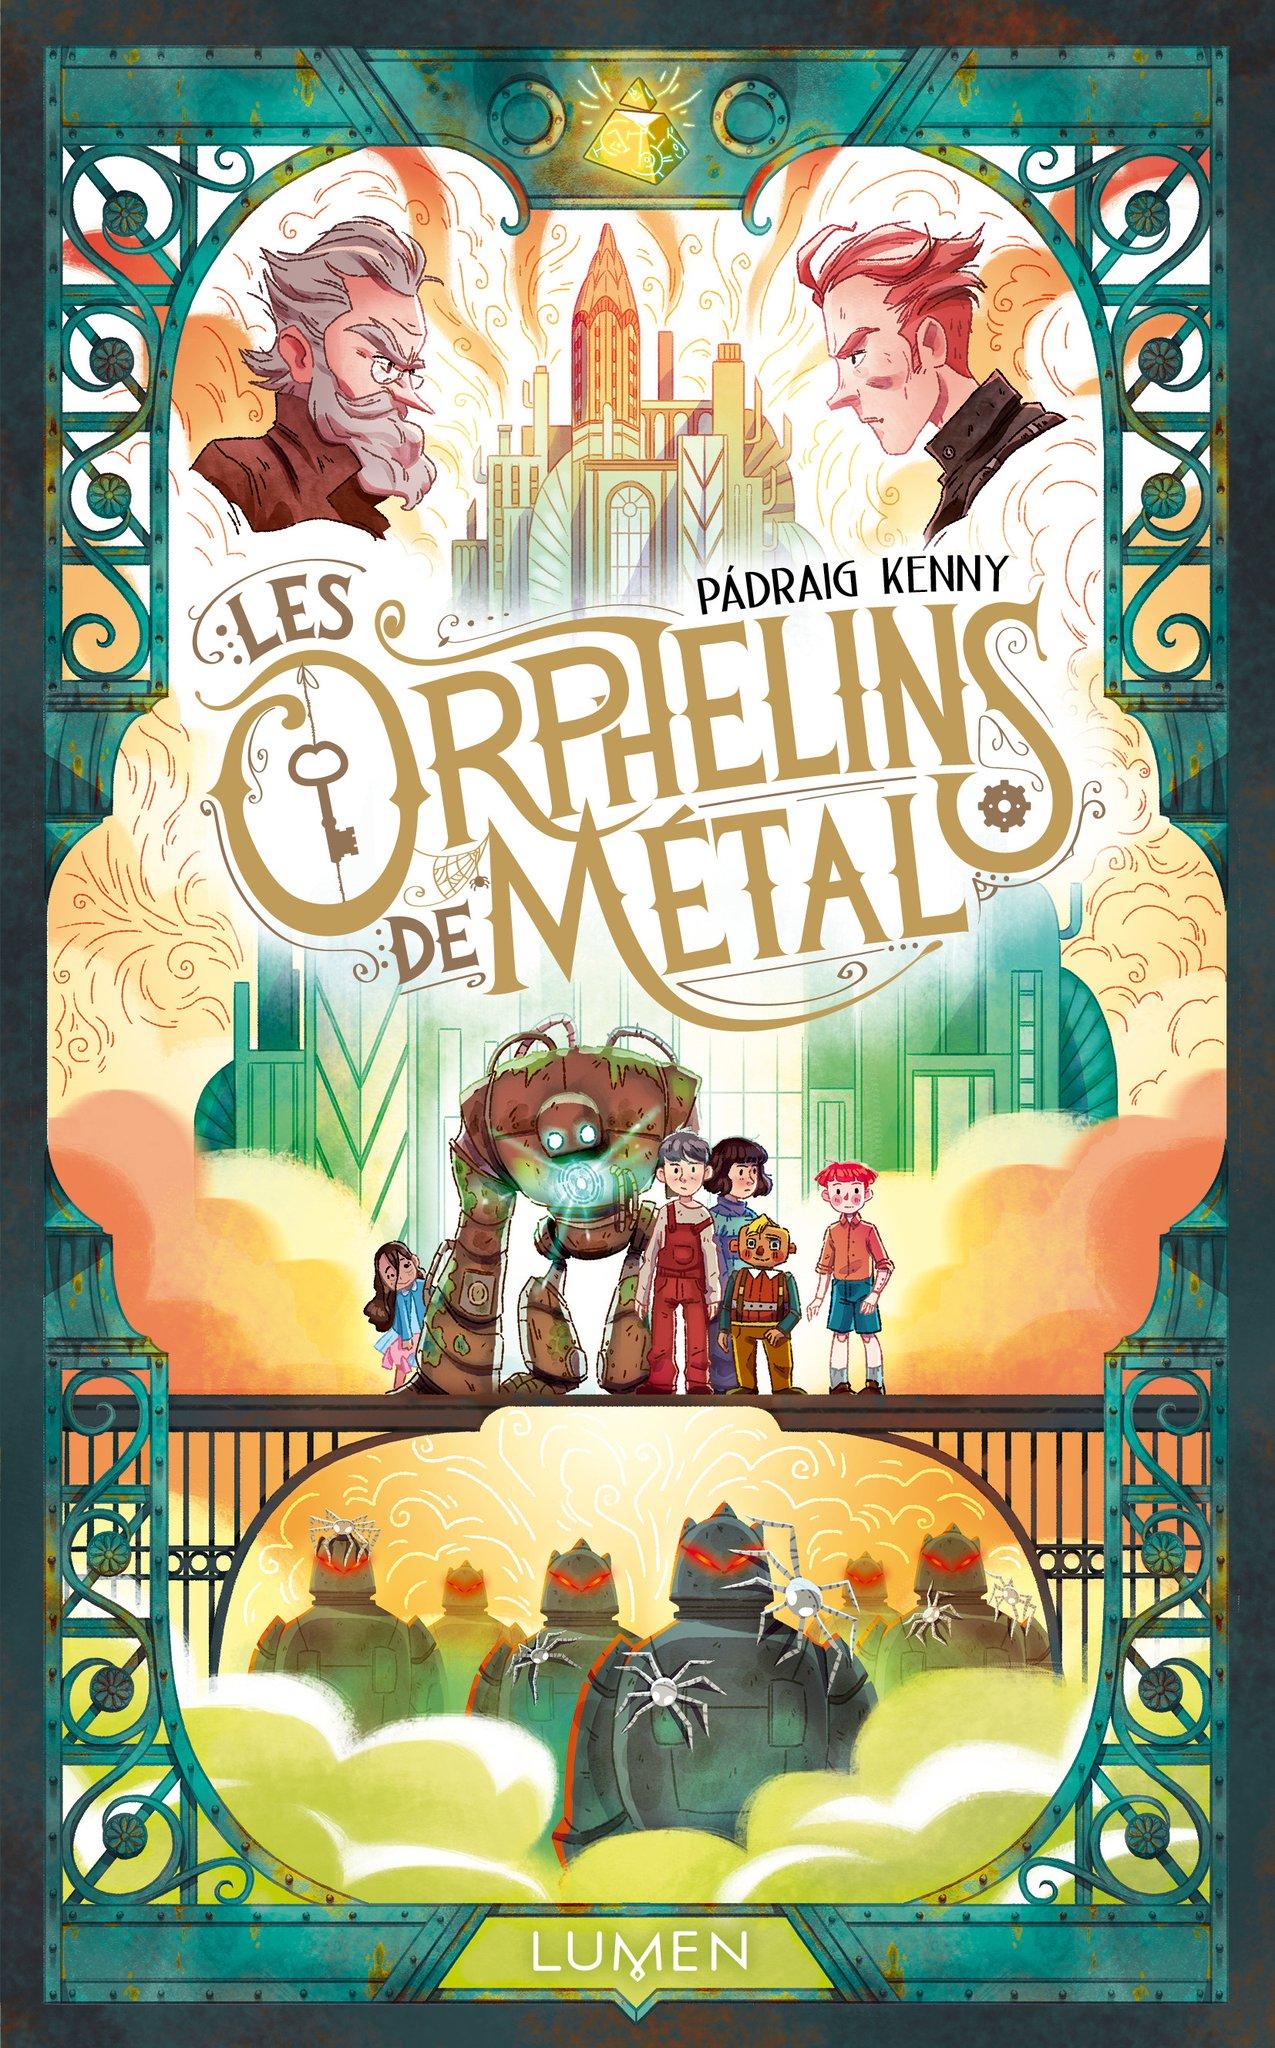 les-orphelins-de-metal-1179690